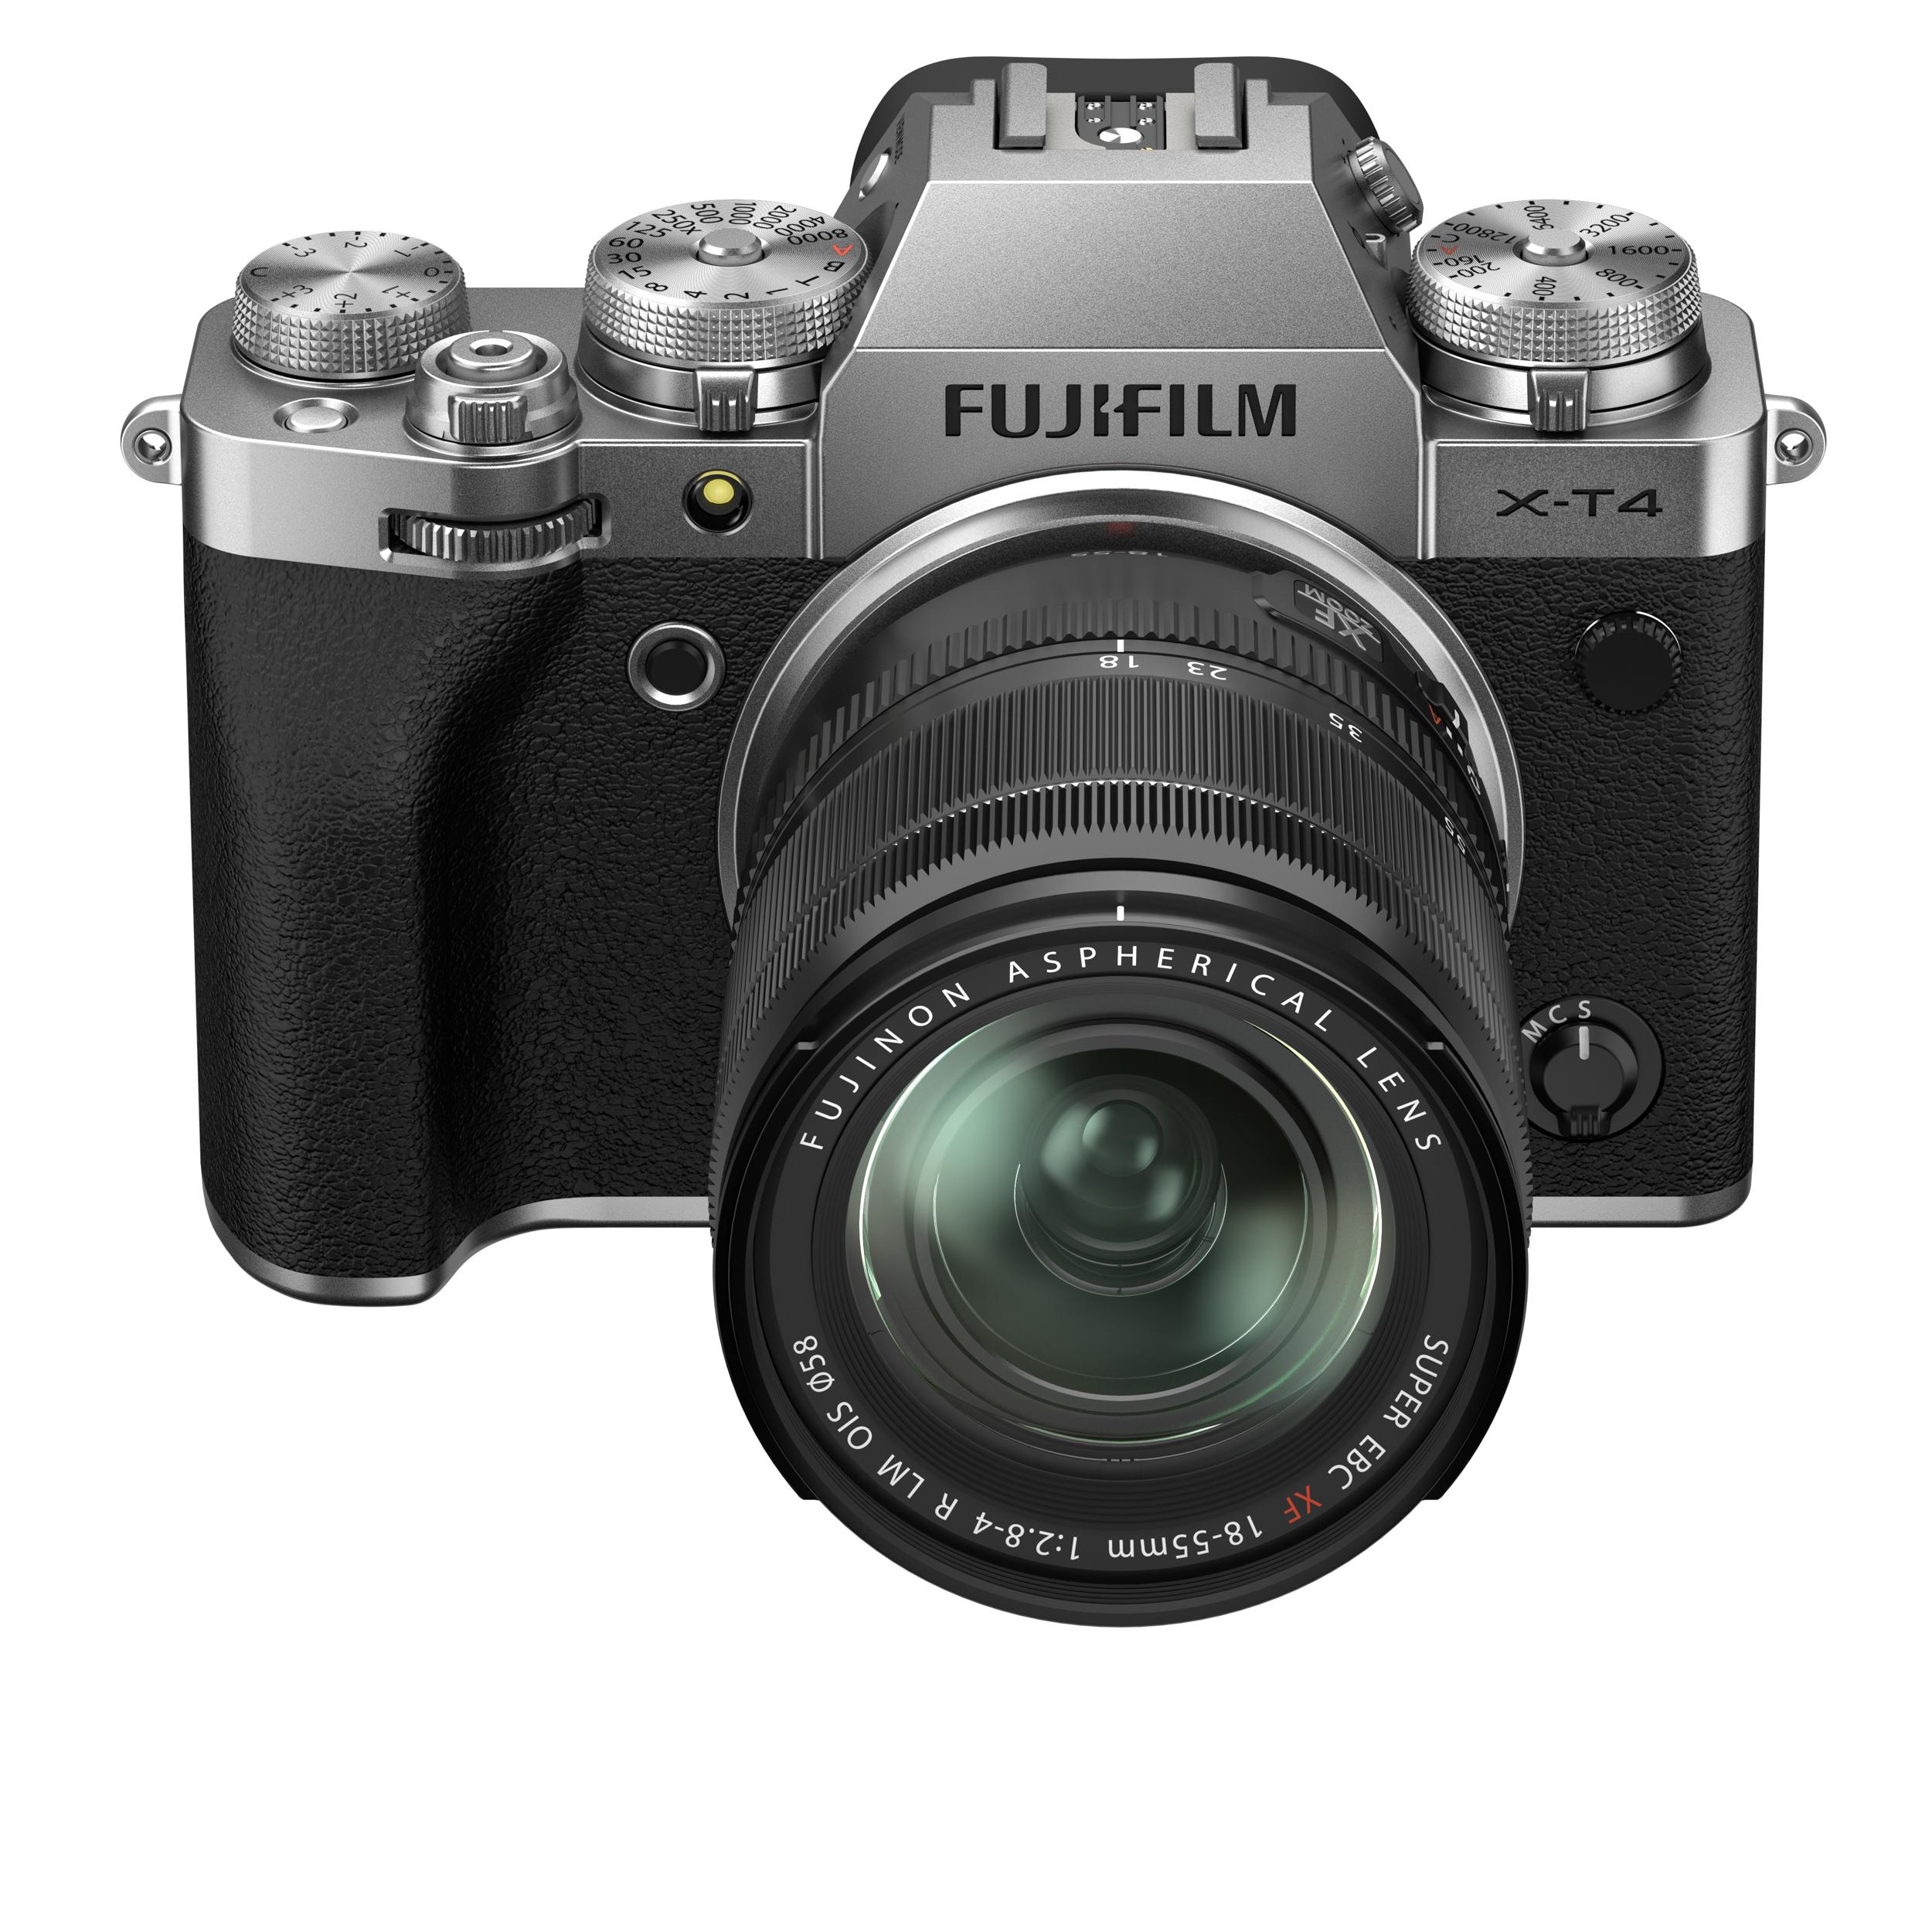 Fujifilm/16652881.jpg